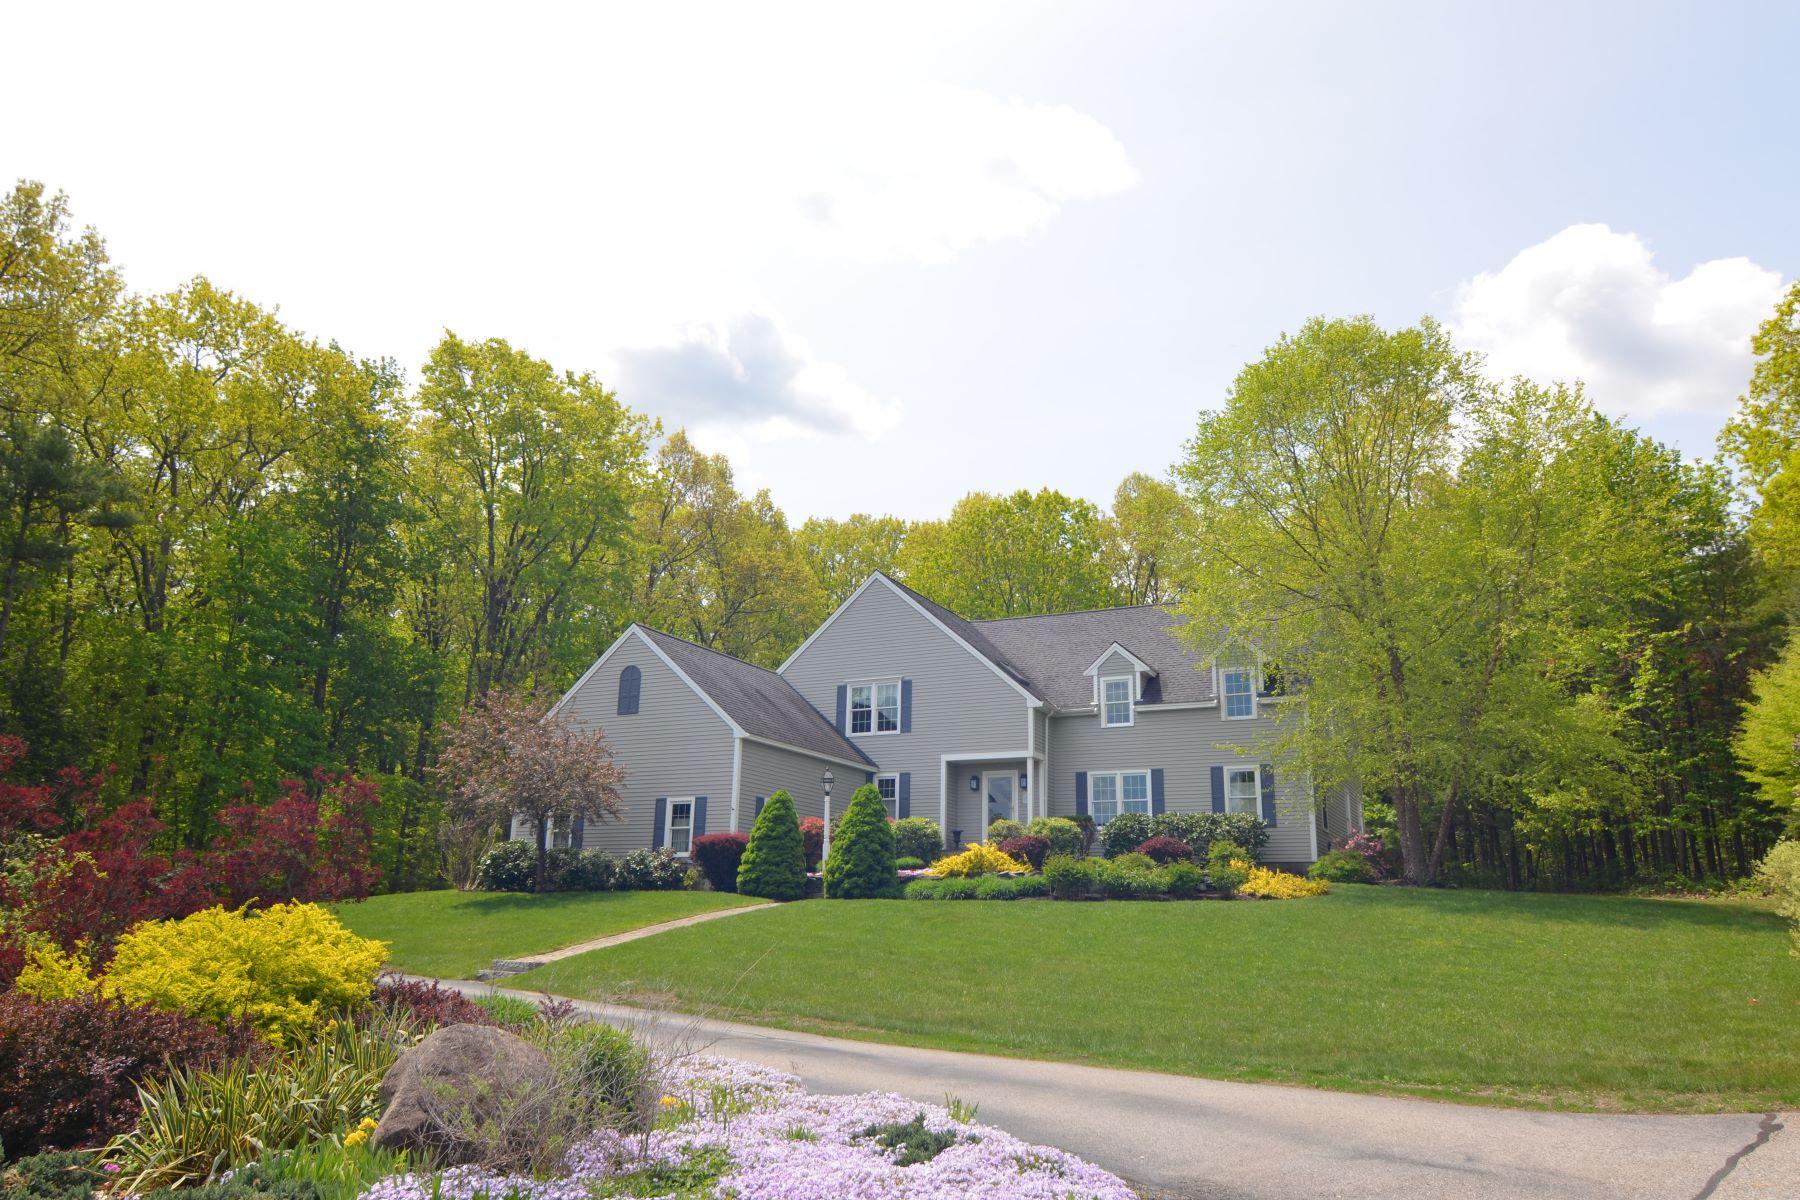 Частный односемейный дом для того Продажа на Woodlands Condominium 11 Trillium Court Lunenburg, Массачусетс, 01462 Соединенные Штаты